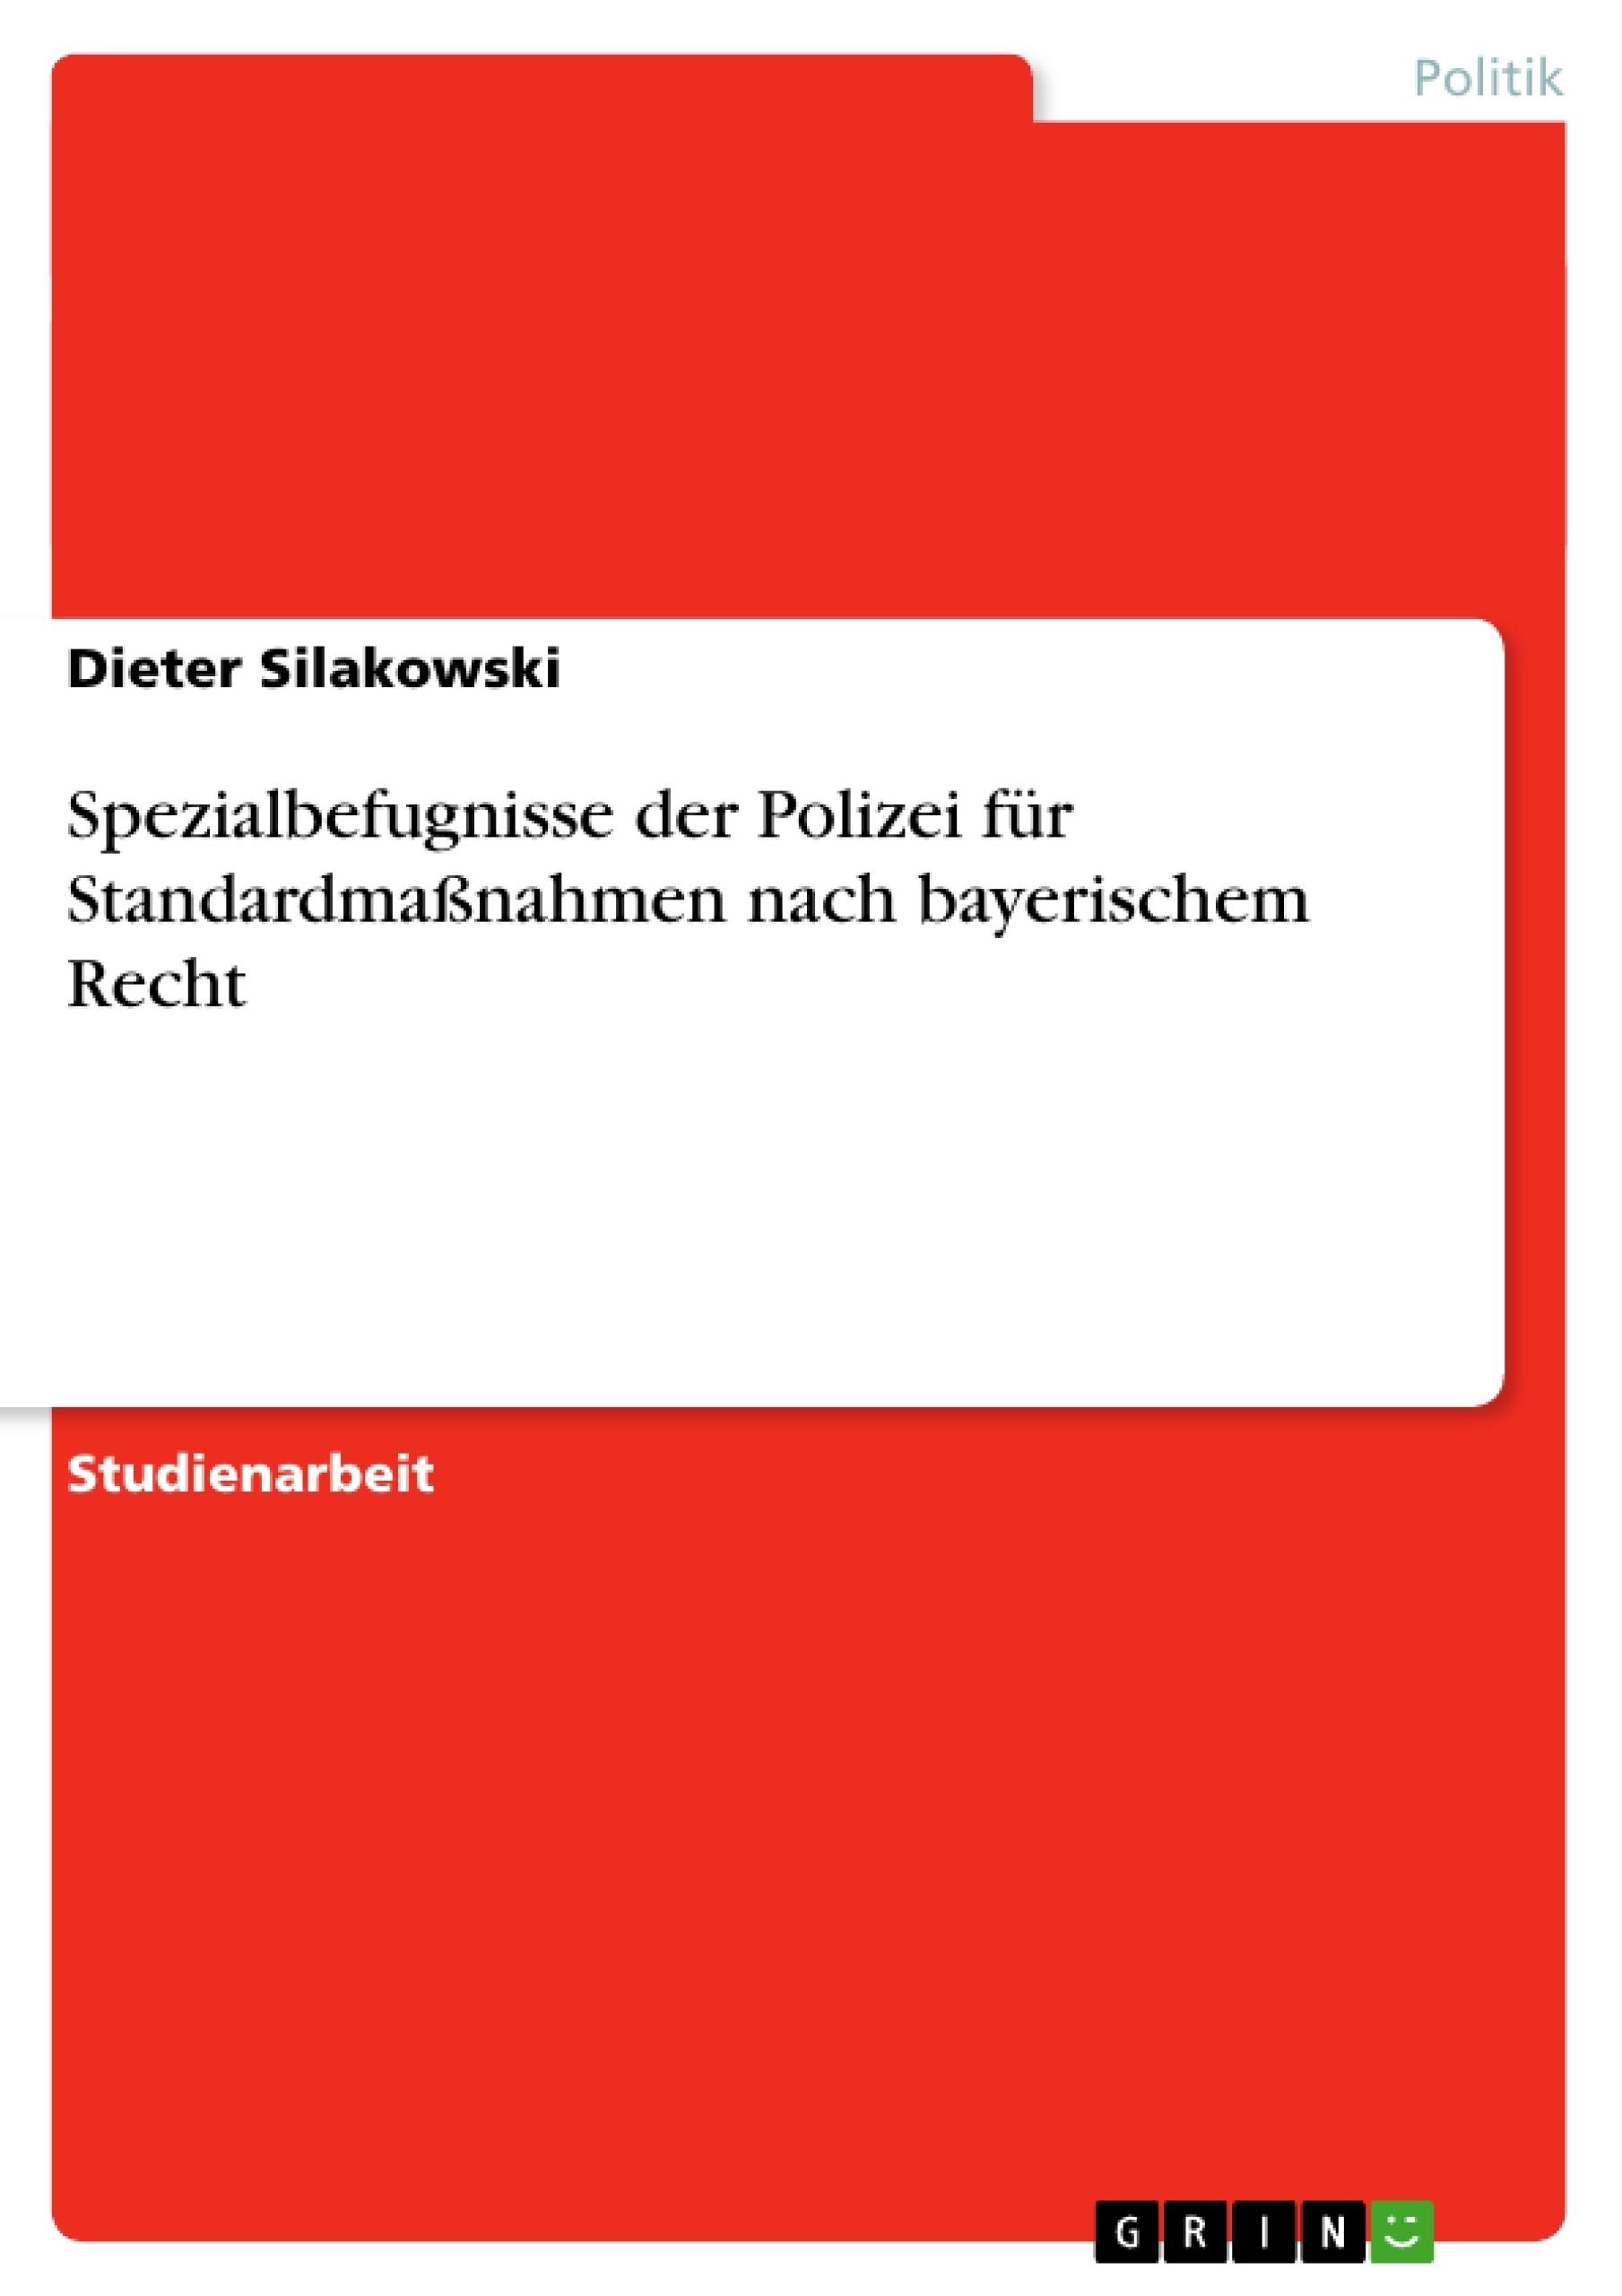 Titel: Spezialbefugnisse der Polizei für Standardmaßnahmen nach bayerischem Recht